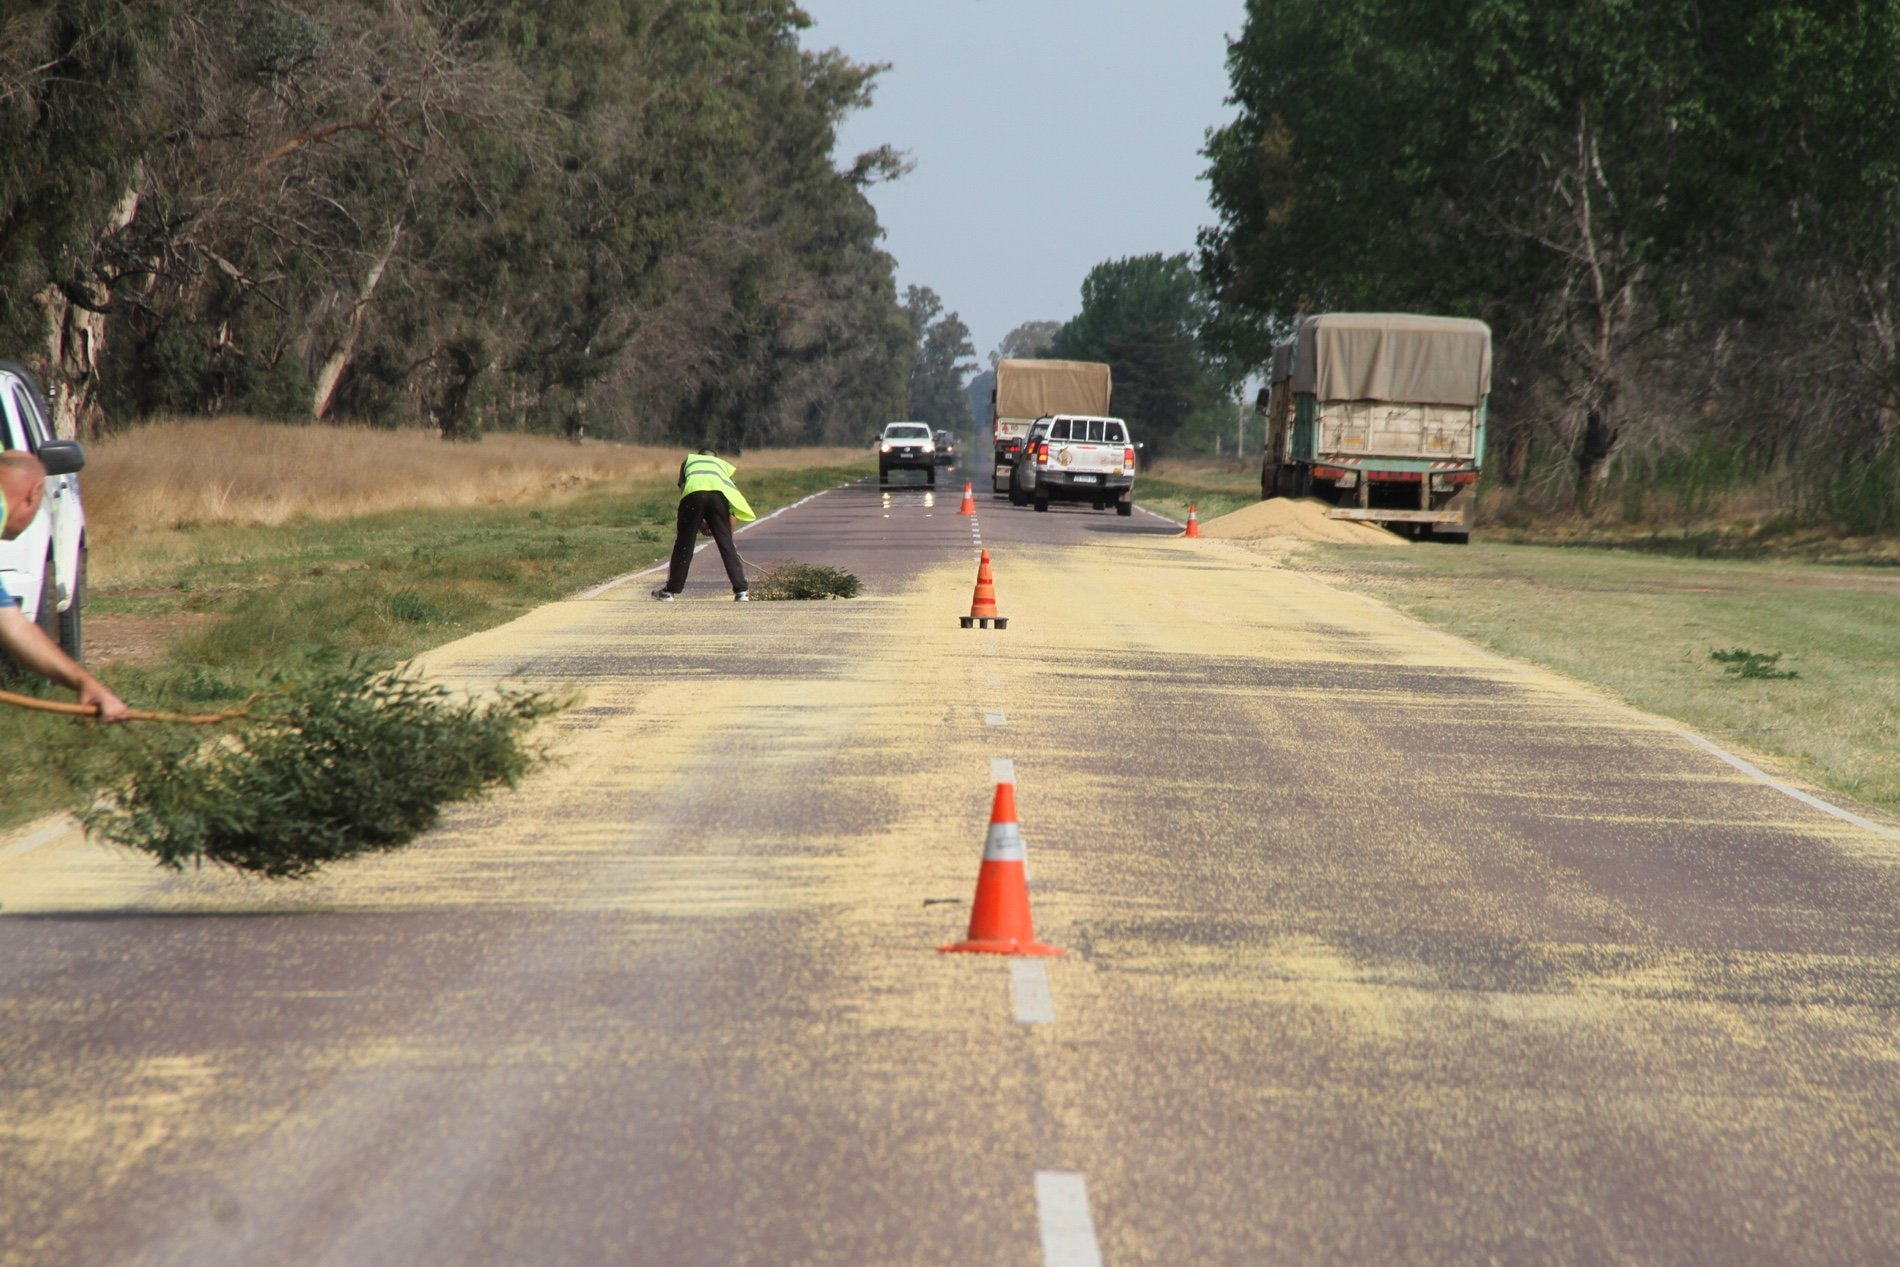 Un camión volcó parte de su carga en Ruta 1 entre Pico y Dorila: Piden circular con precaución